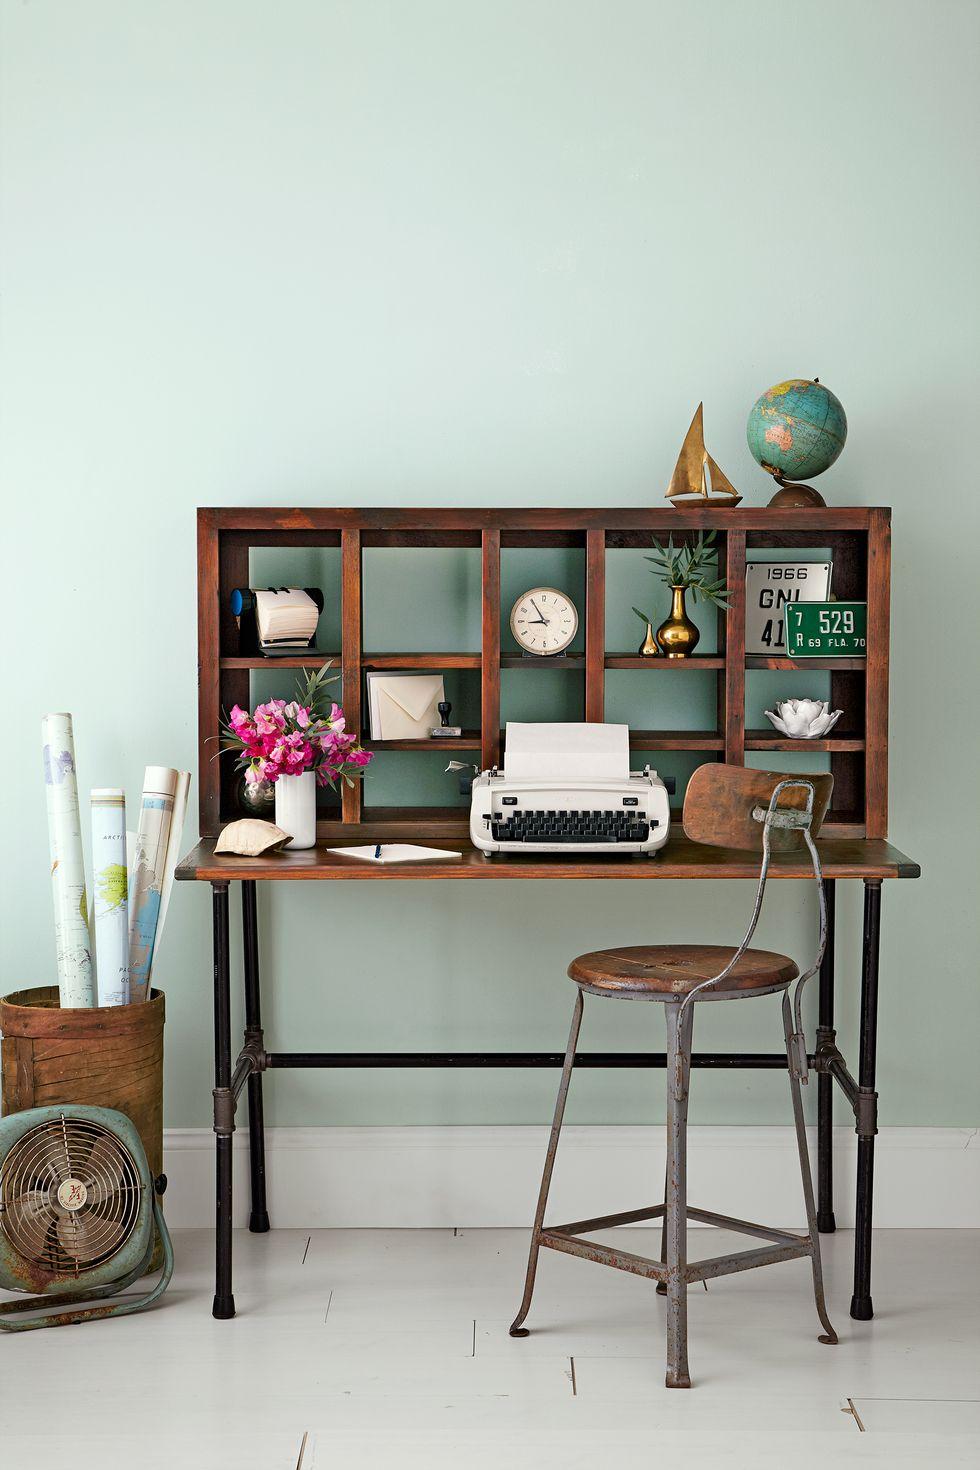 Xếp chồng giày hoặc đơn vị kệ nổi DIY lên trên bàn điều khiển để tăng thêm không gian lưu trữ. Nó không chỉ trông thú vị hơn về mặt trực quan mà chắc chắn sẽ giúp bạn luôn ngăn nắp.